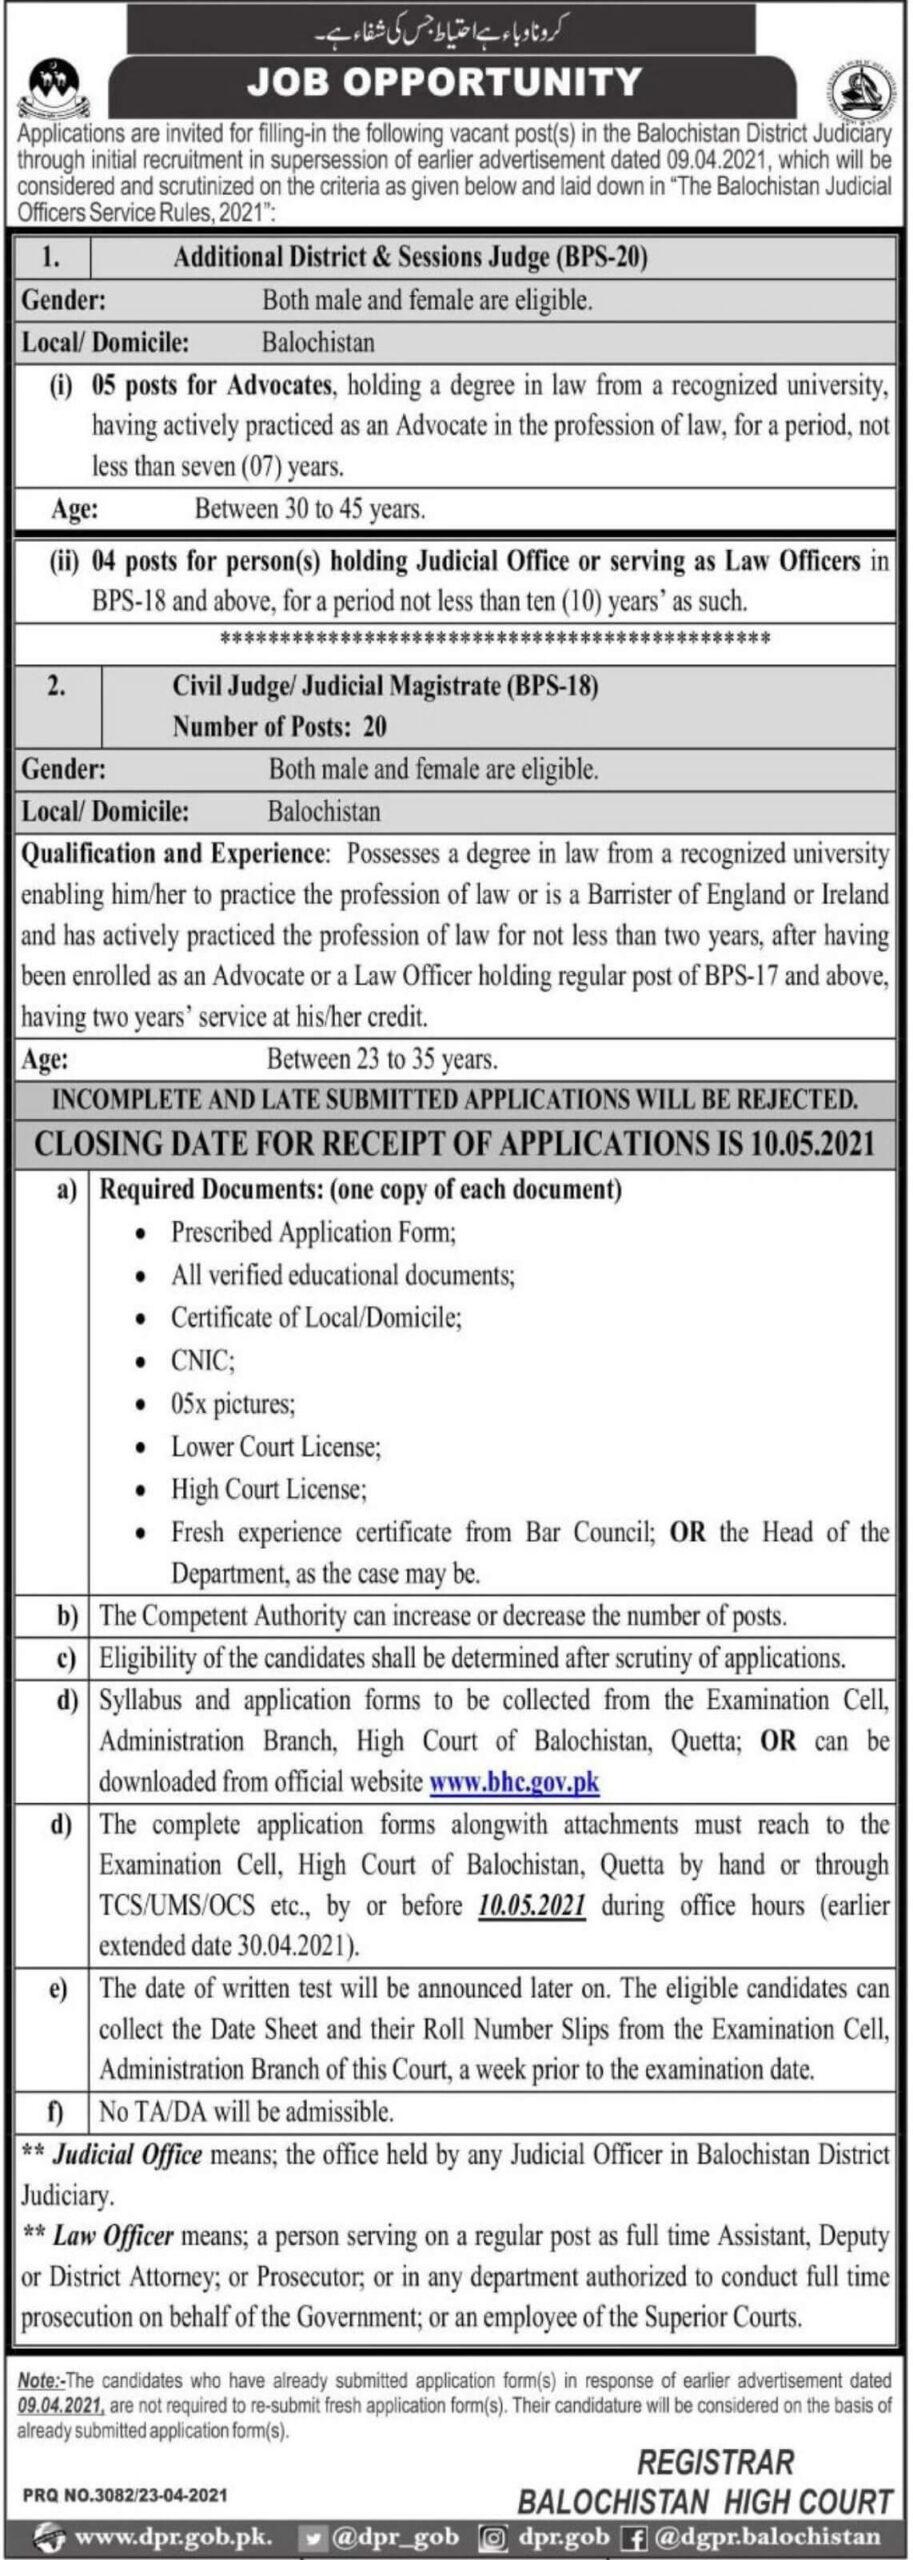 Balochistan High Court Jobs 2021